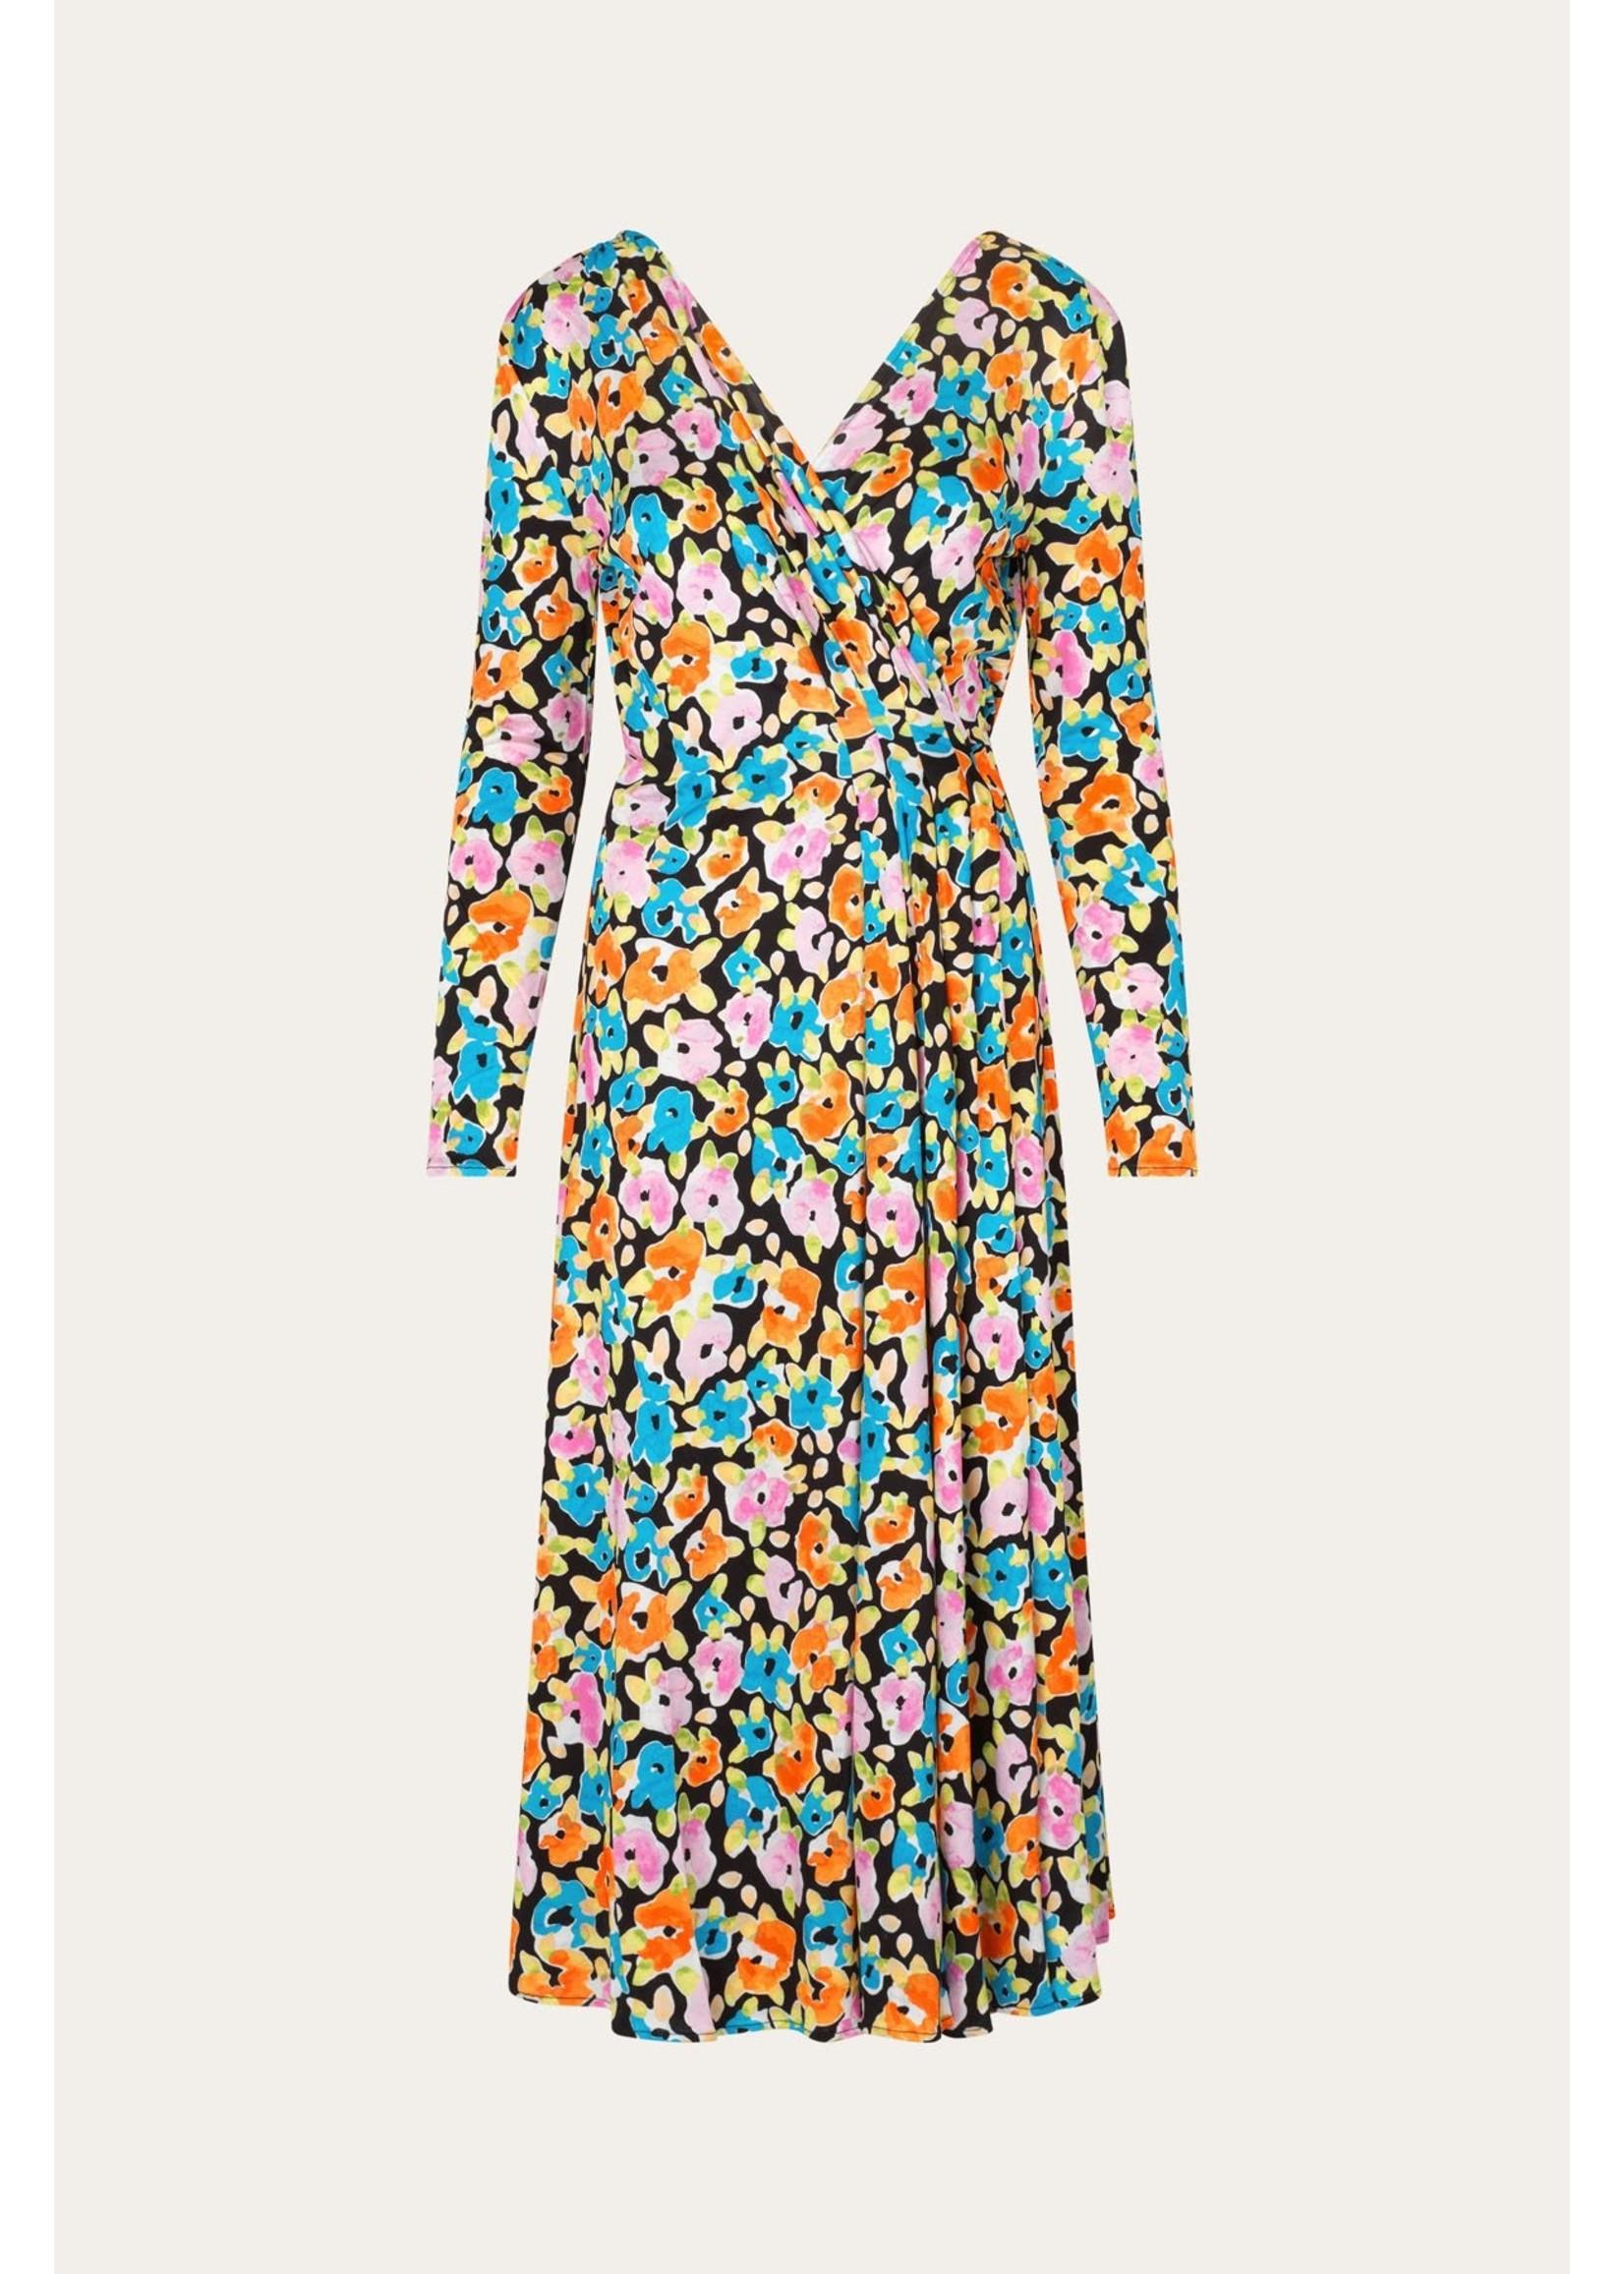 JERSEY DRESS FLOWER